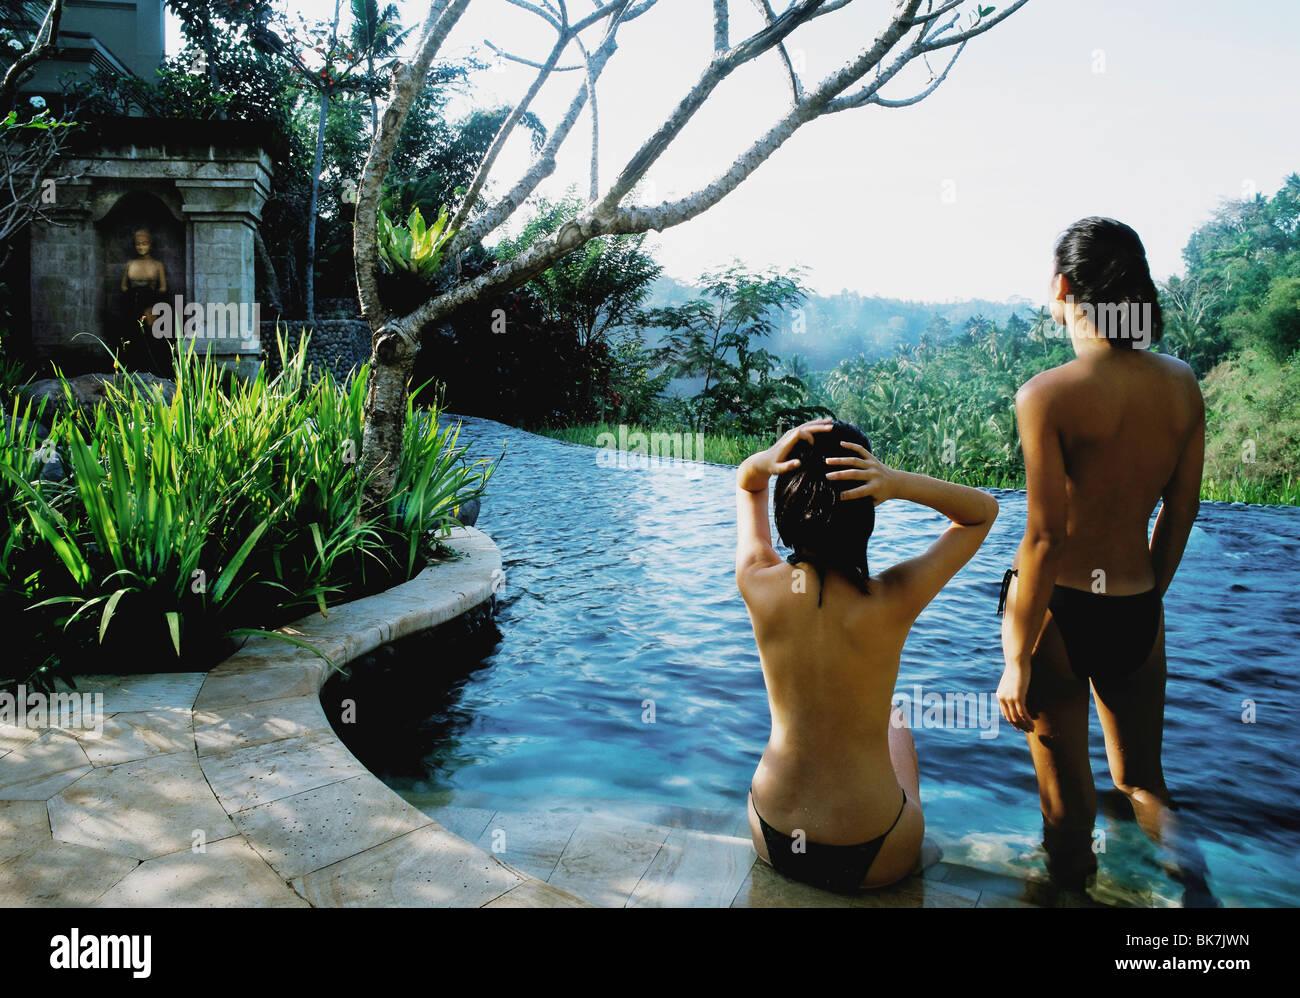 Pool at Kirana Spa, Ubud, Bali, Indonesia, Southeast Asia, Asia - Stock Image